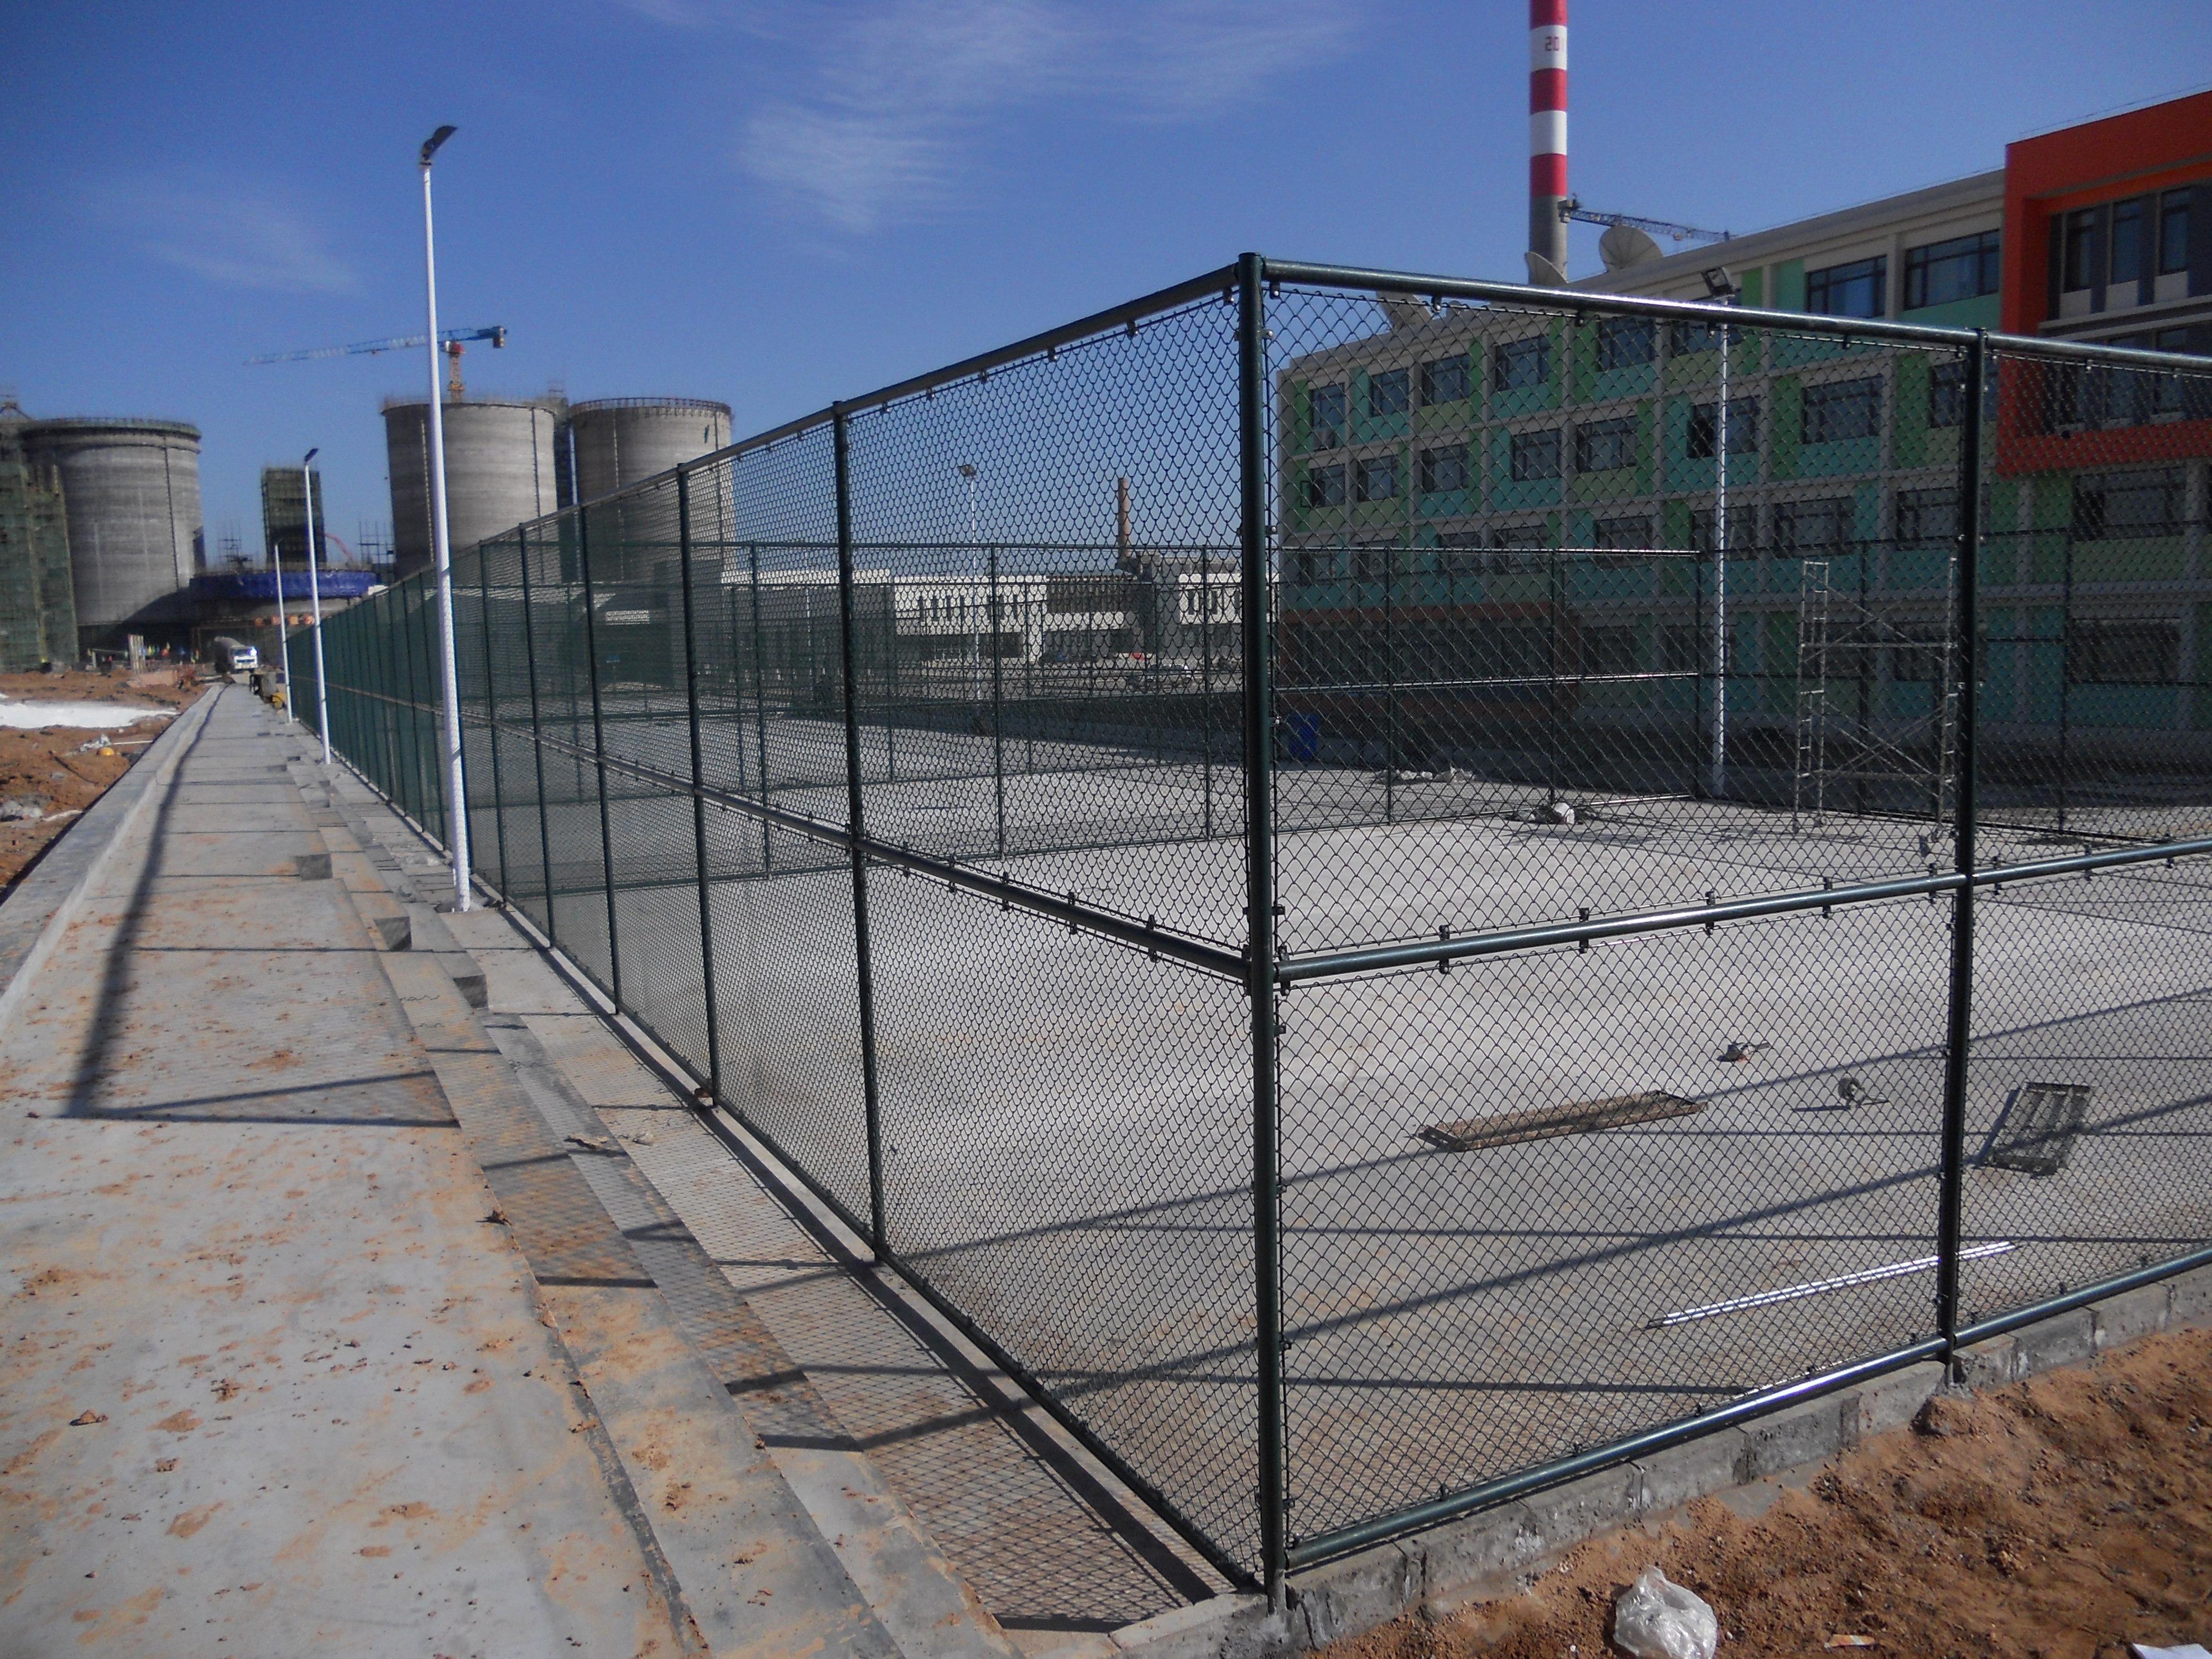 球场护栏网 框架护栏网批发 球场框架护栏网批发 框架护栏网供 、